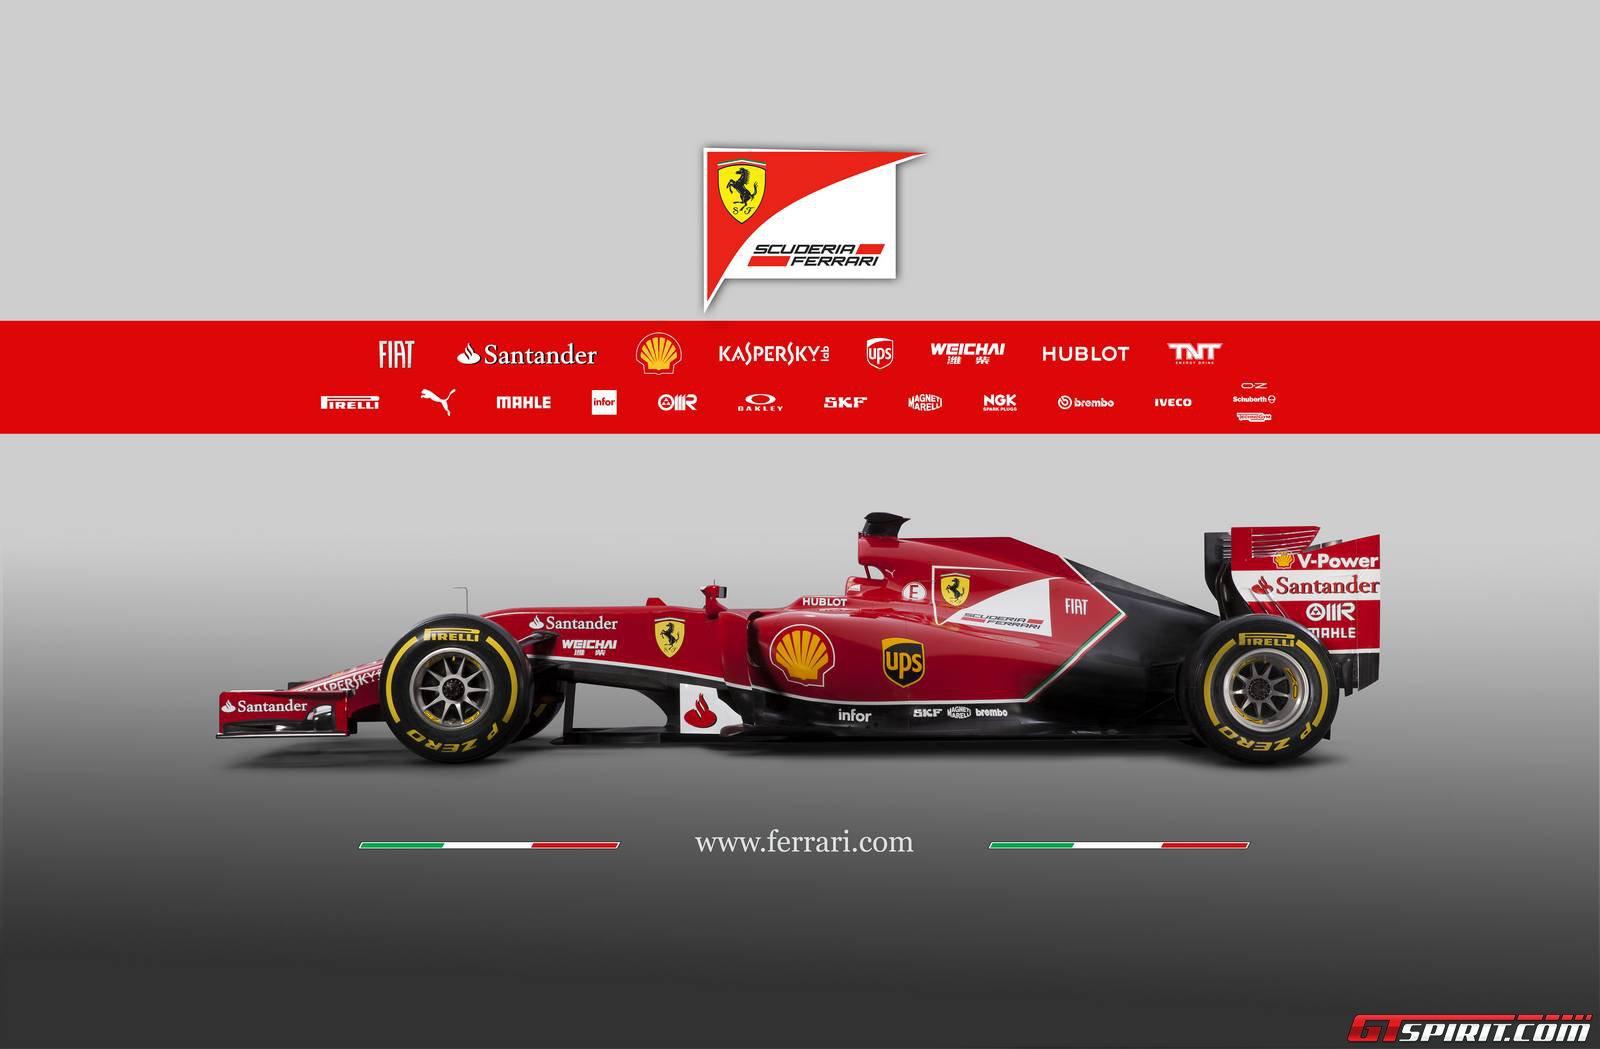 2014 F1 Ferrari 1